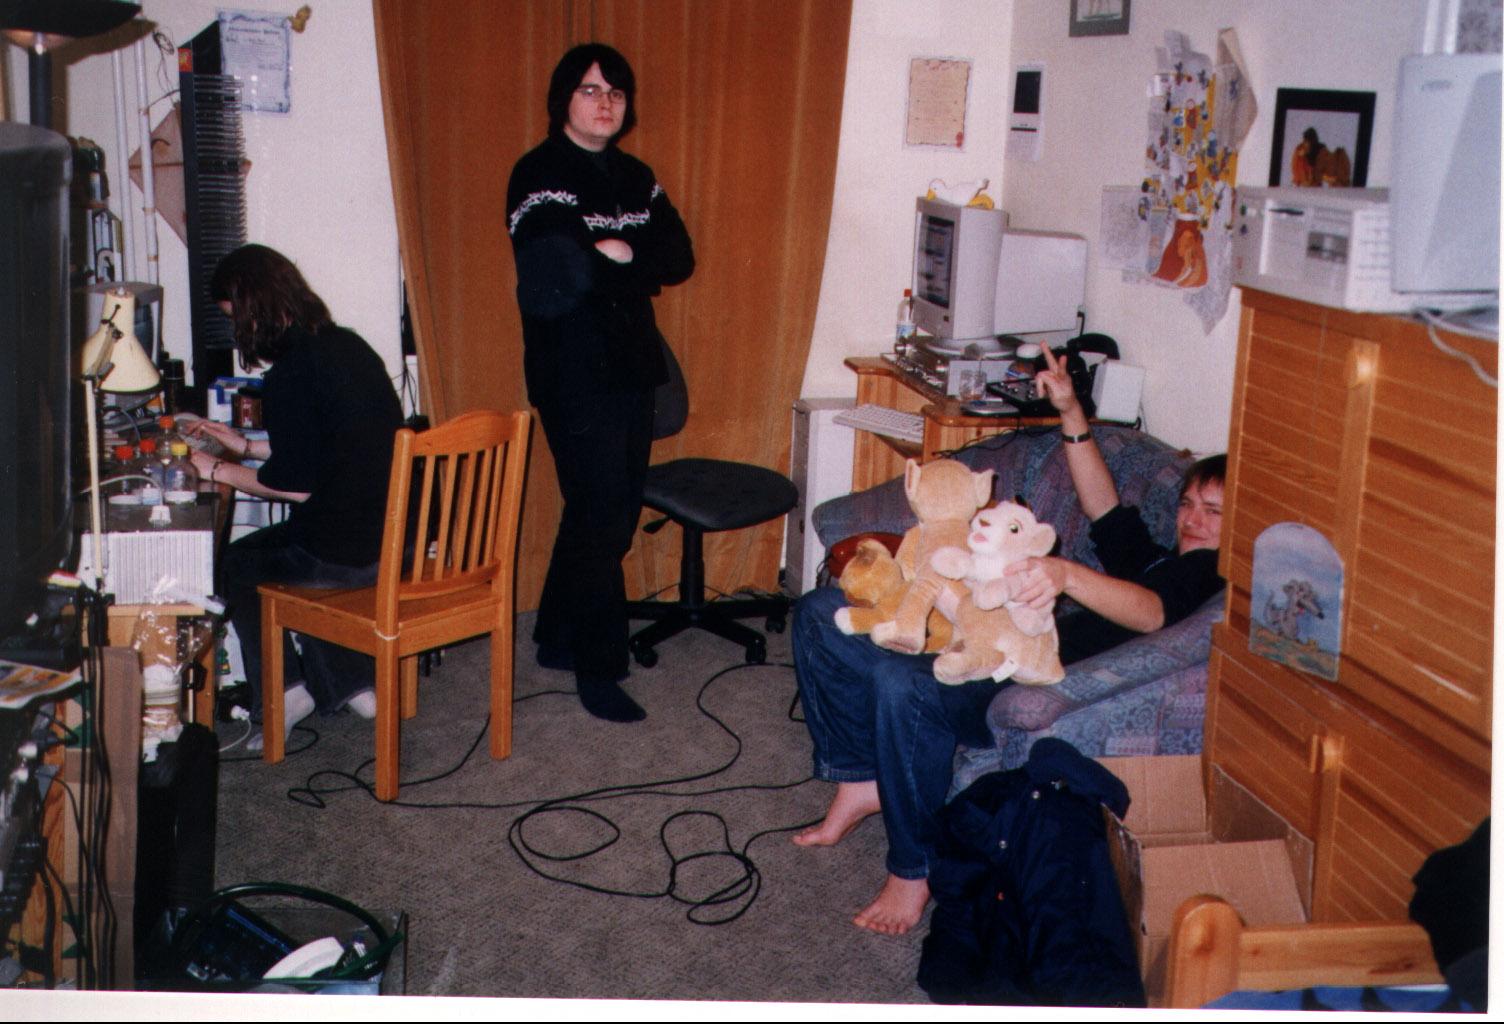 sendung- puma am irc, claudi im raum und ich am mic und foto, kebap auf couch.jpg